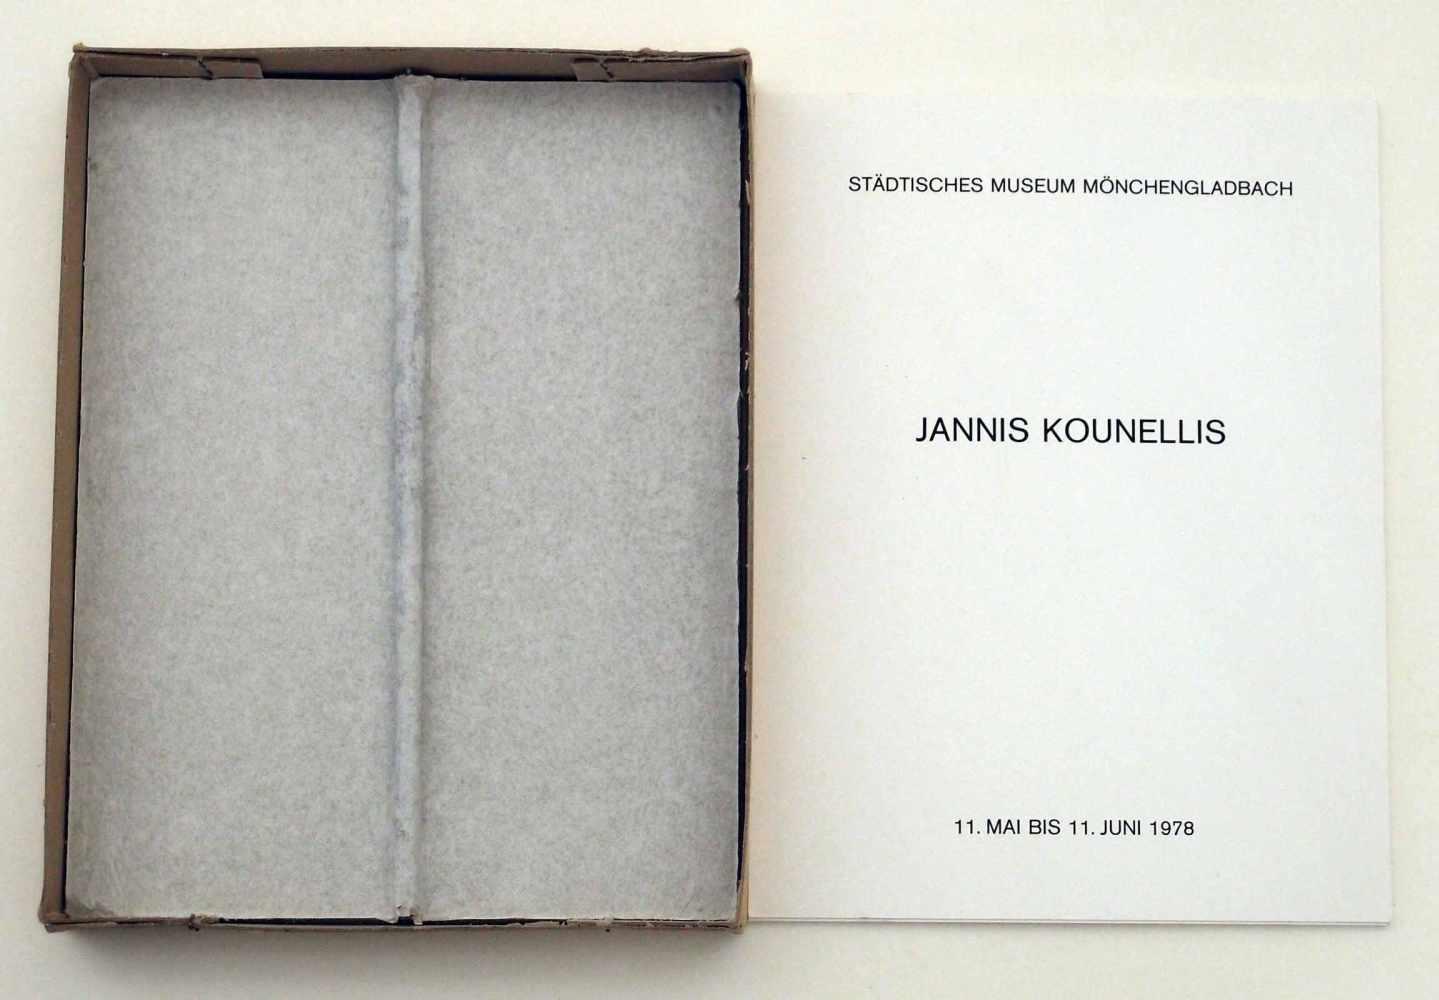 Iannis KounellisPiräus 1938 - 2017 RomKassettenkatalog Mönchengladbach. Gipsrelief mit drei Text-